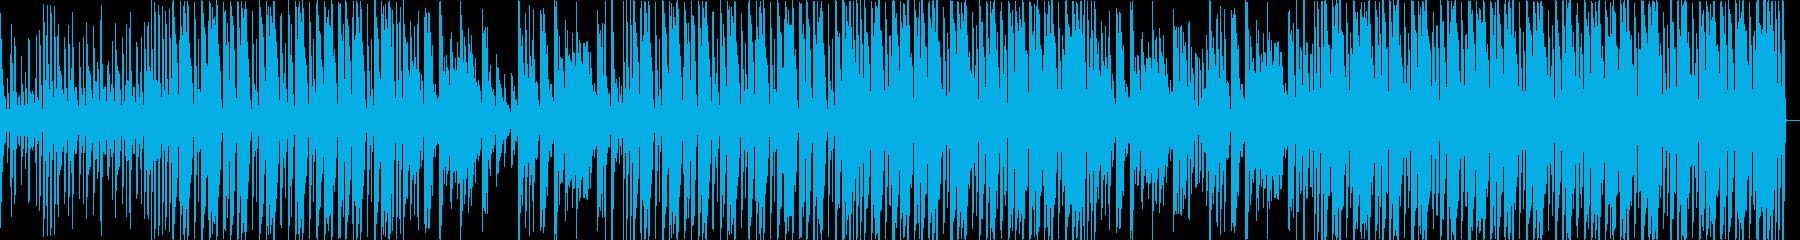 【60秒】ファンキーなブレイクビーツの再生済みの波形